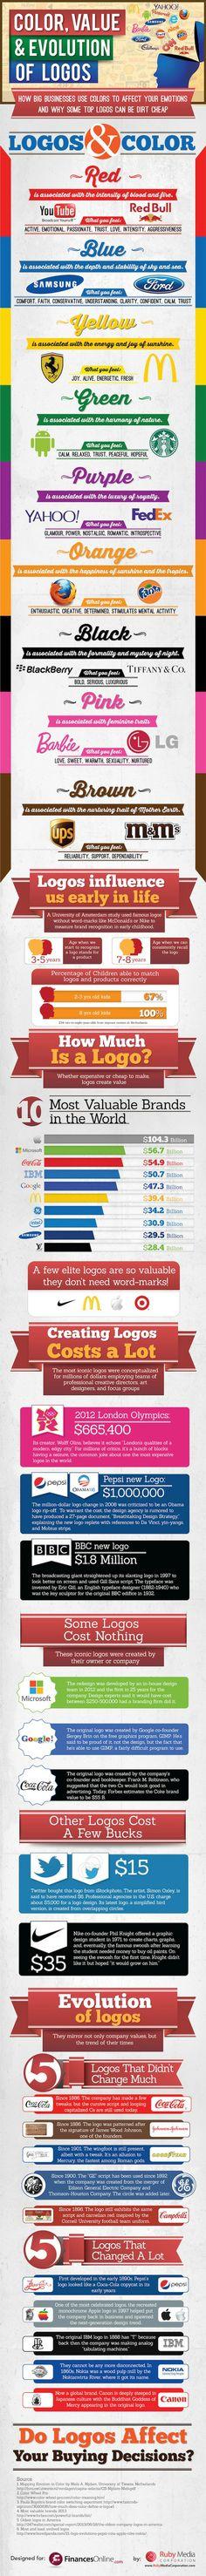 Color, valor y evolución de los logos. Infografía en inglés. #CommunityManager